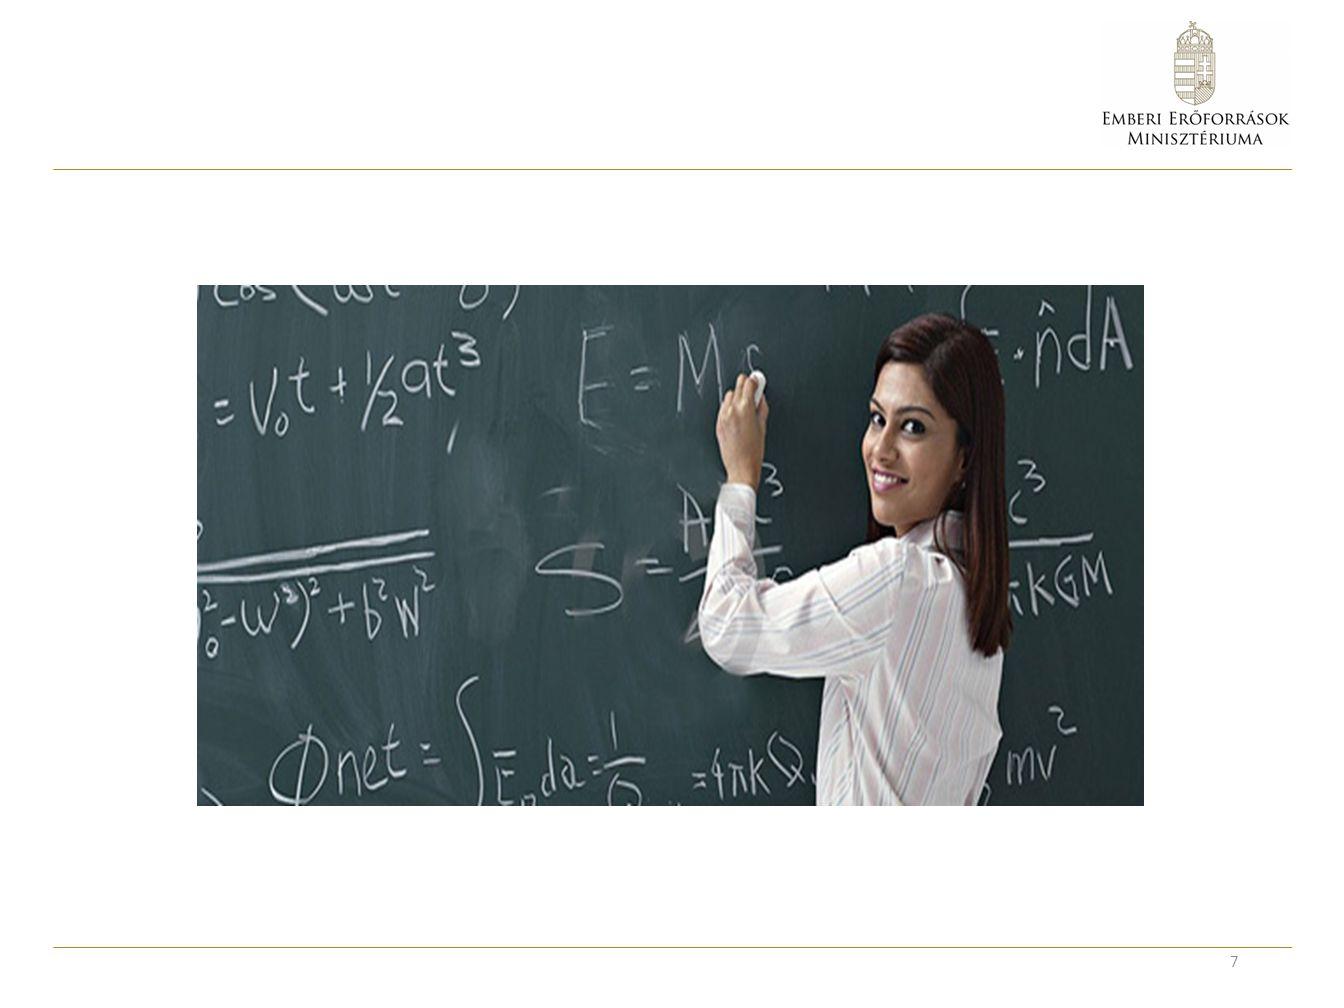 A pedagógus pálya népszerűsítése El kell érni, hogy a jó képességű, elkötelezett fiatalok jelentkezzenek a pedagógusképzésre.